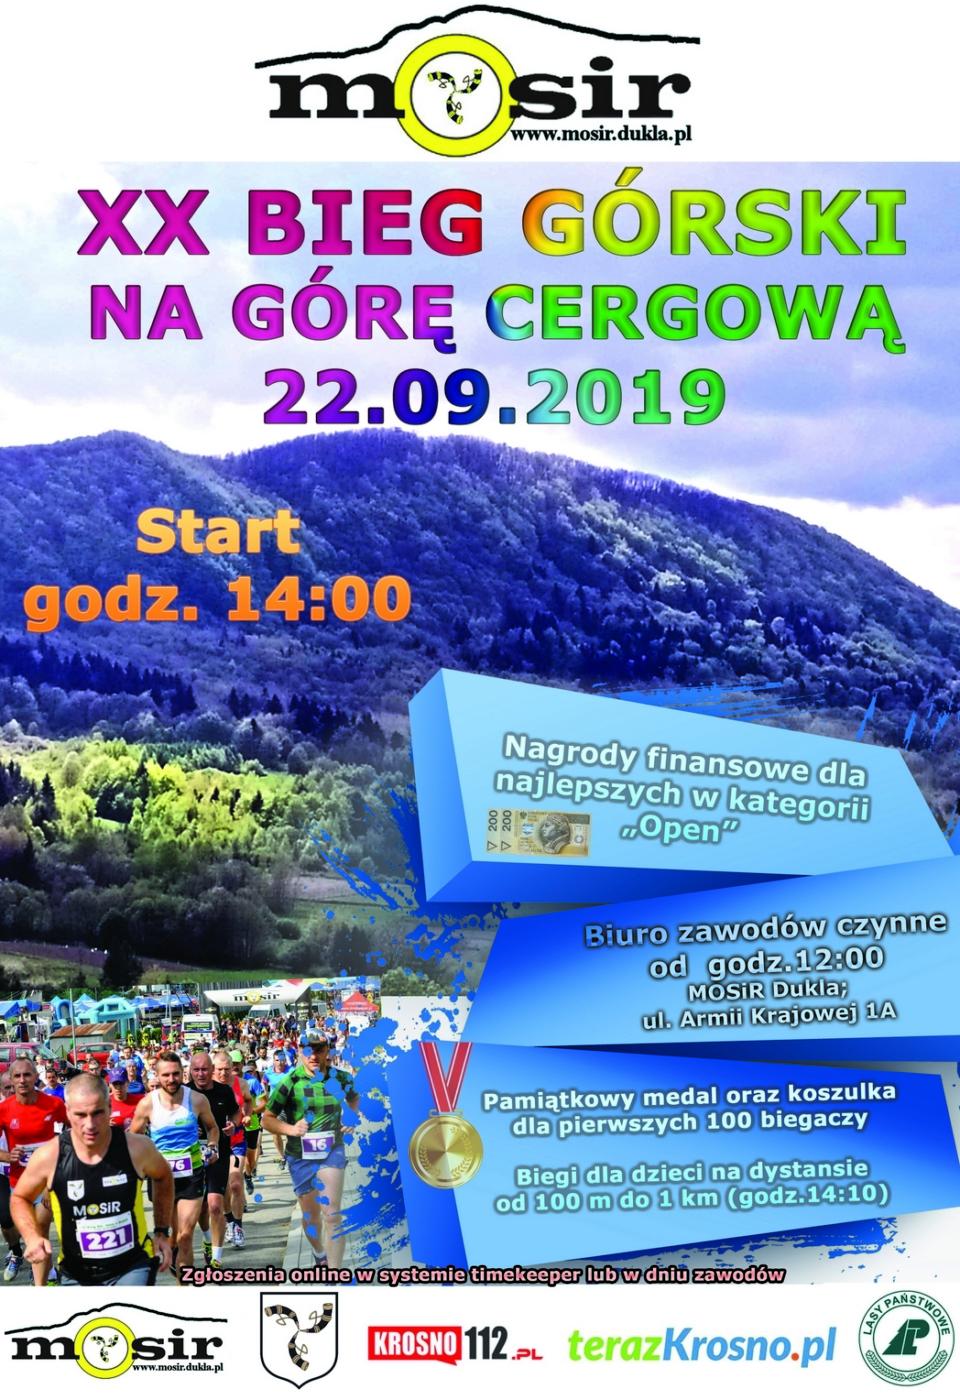 Cergowa XX 2019 biegm